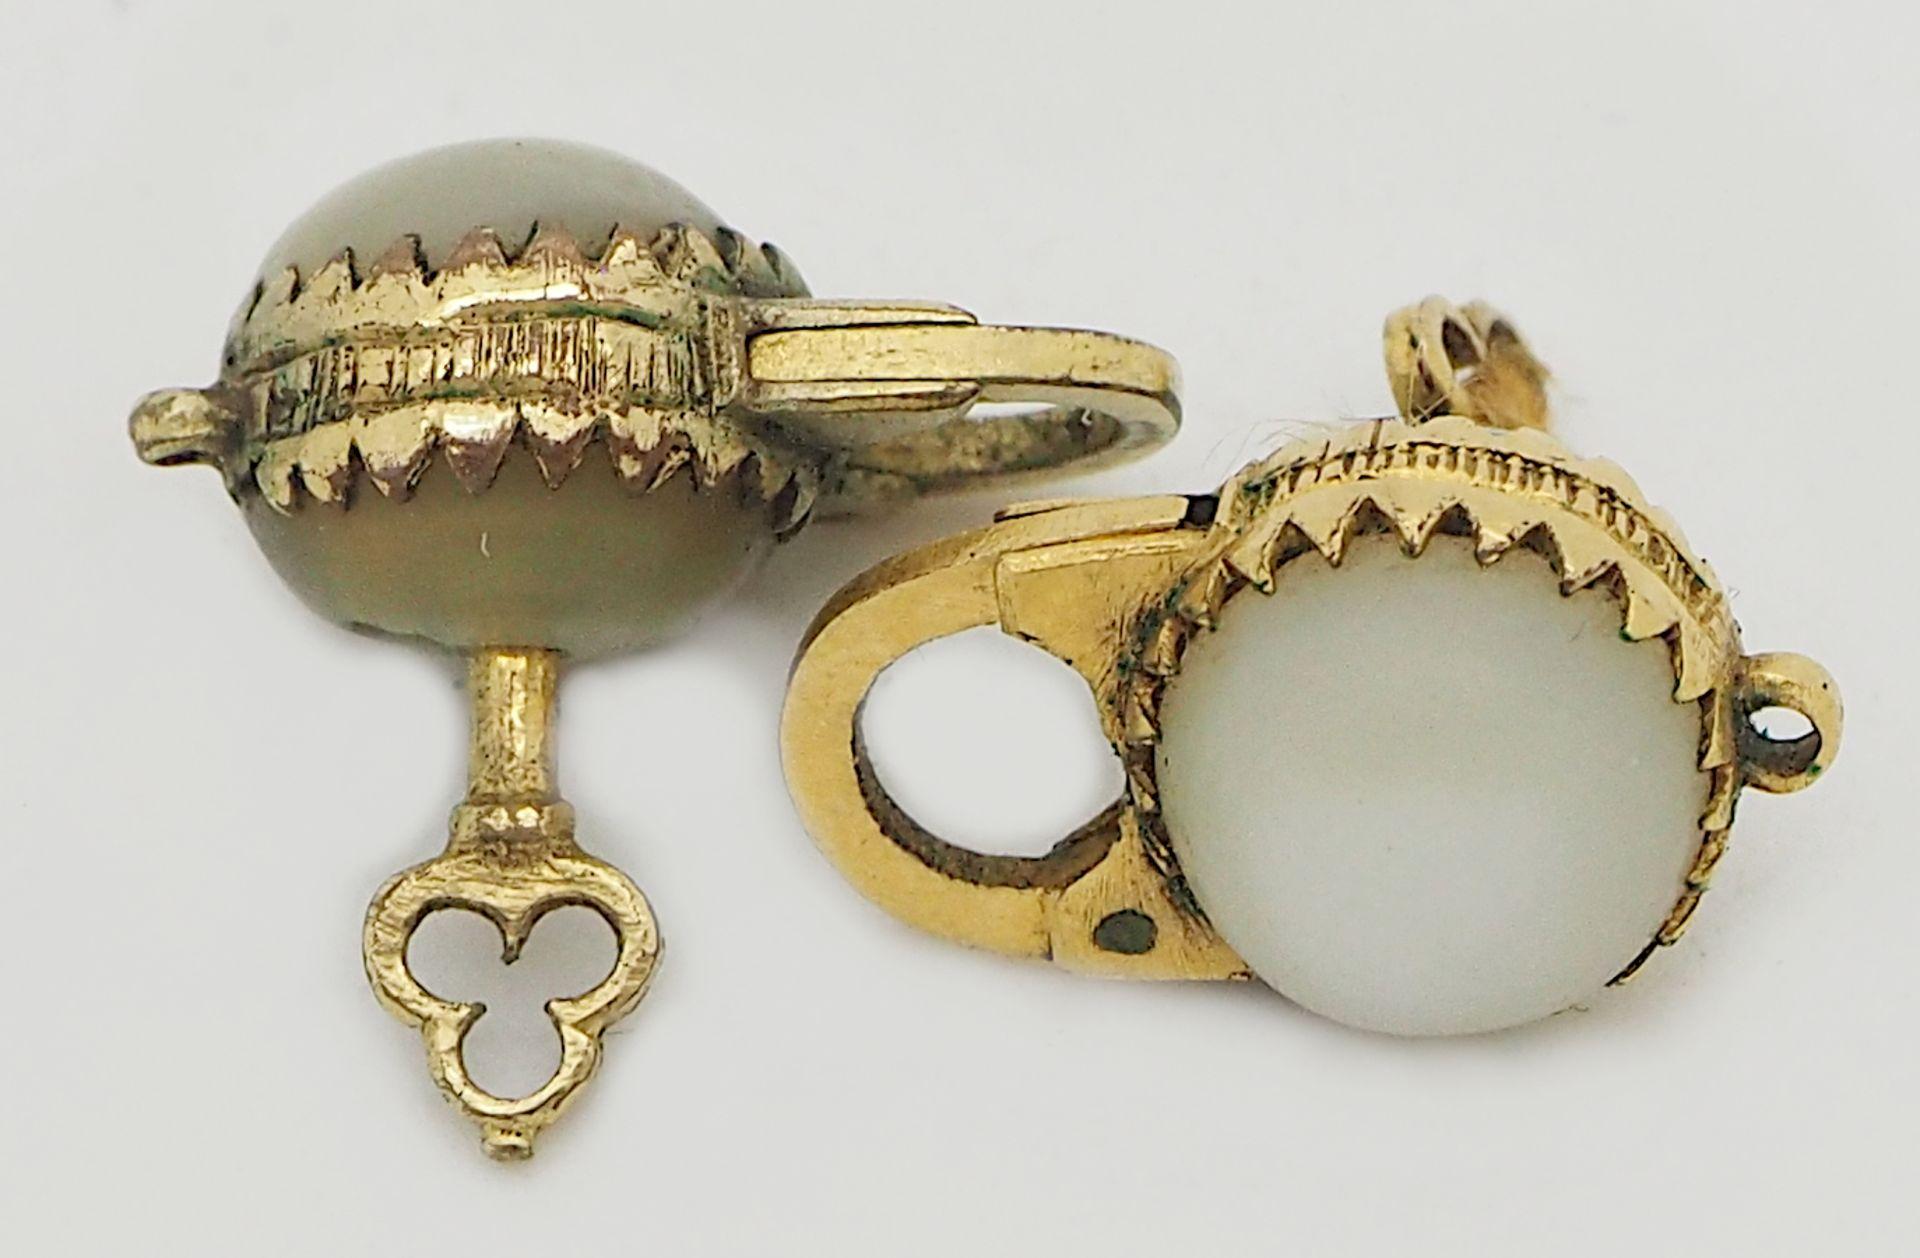 1 Damenarmbanduhr GG 14ct., Band GG 14ct. besch. (Glas fehlt), sowie 2 Miniaturschlösser Perle - Bild 2 aus 2